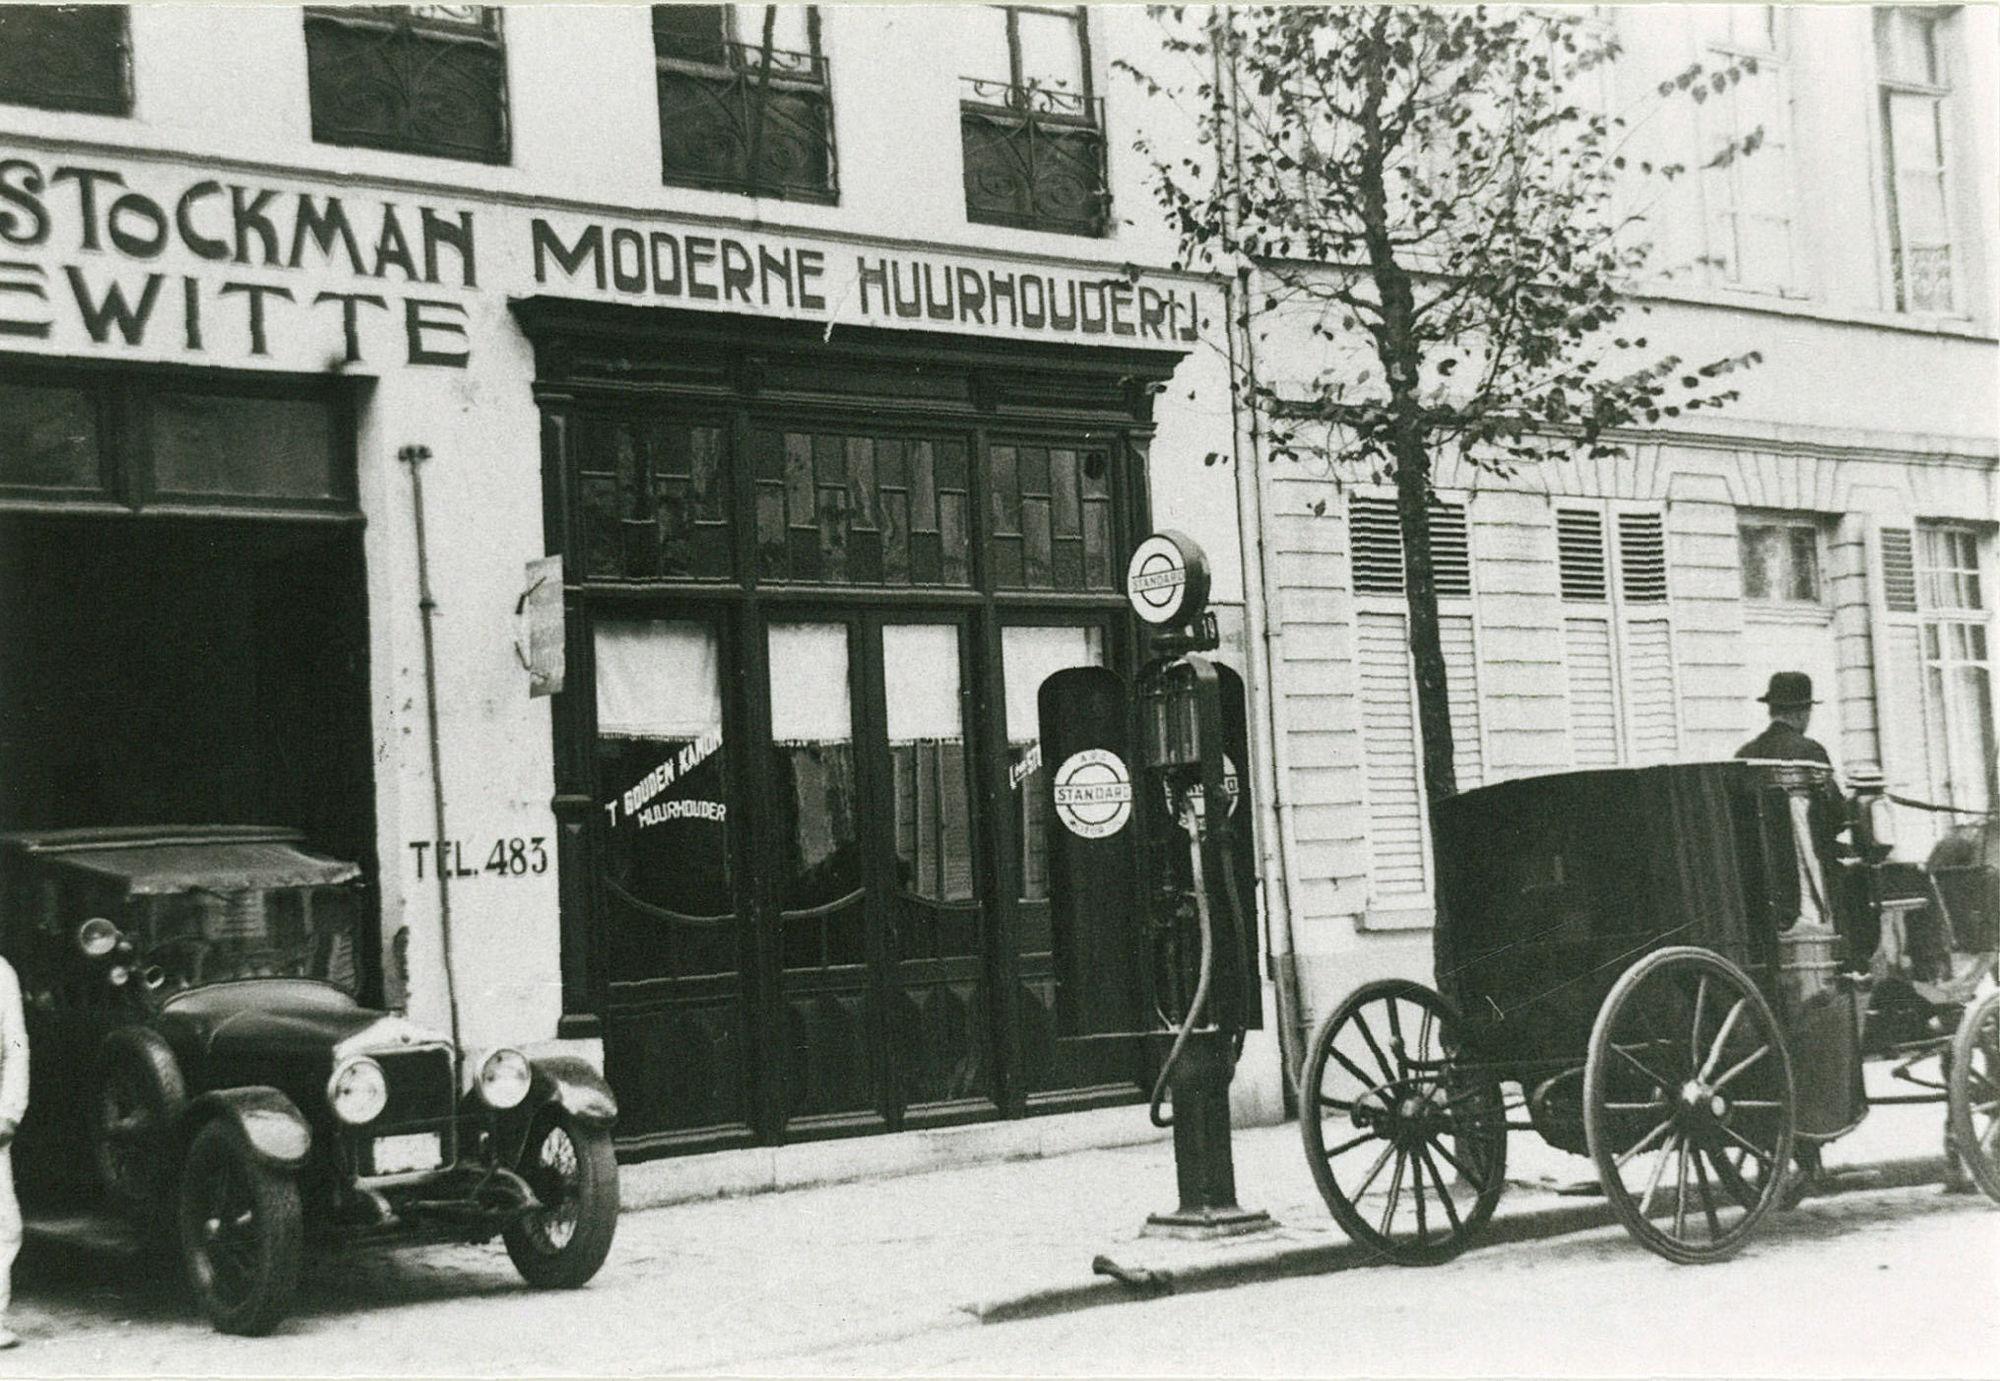 Koetsen- en autoverhuurbedrijf Stockman moderne huurhouderij